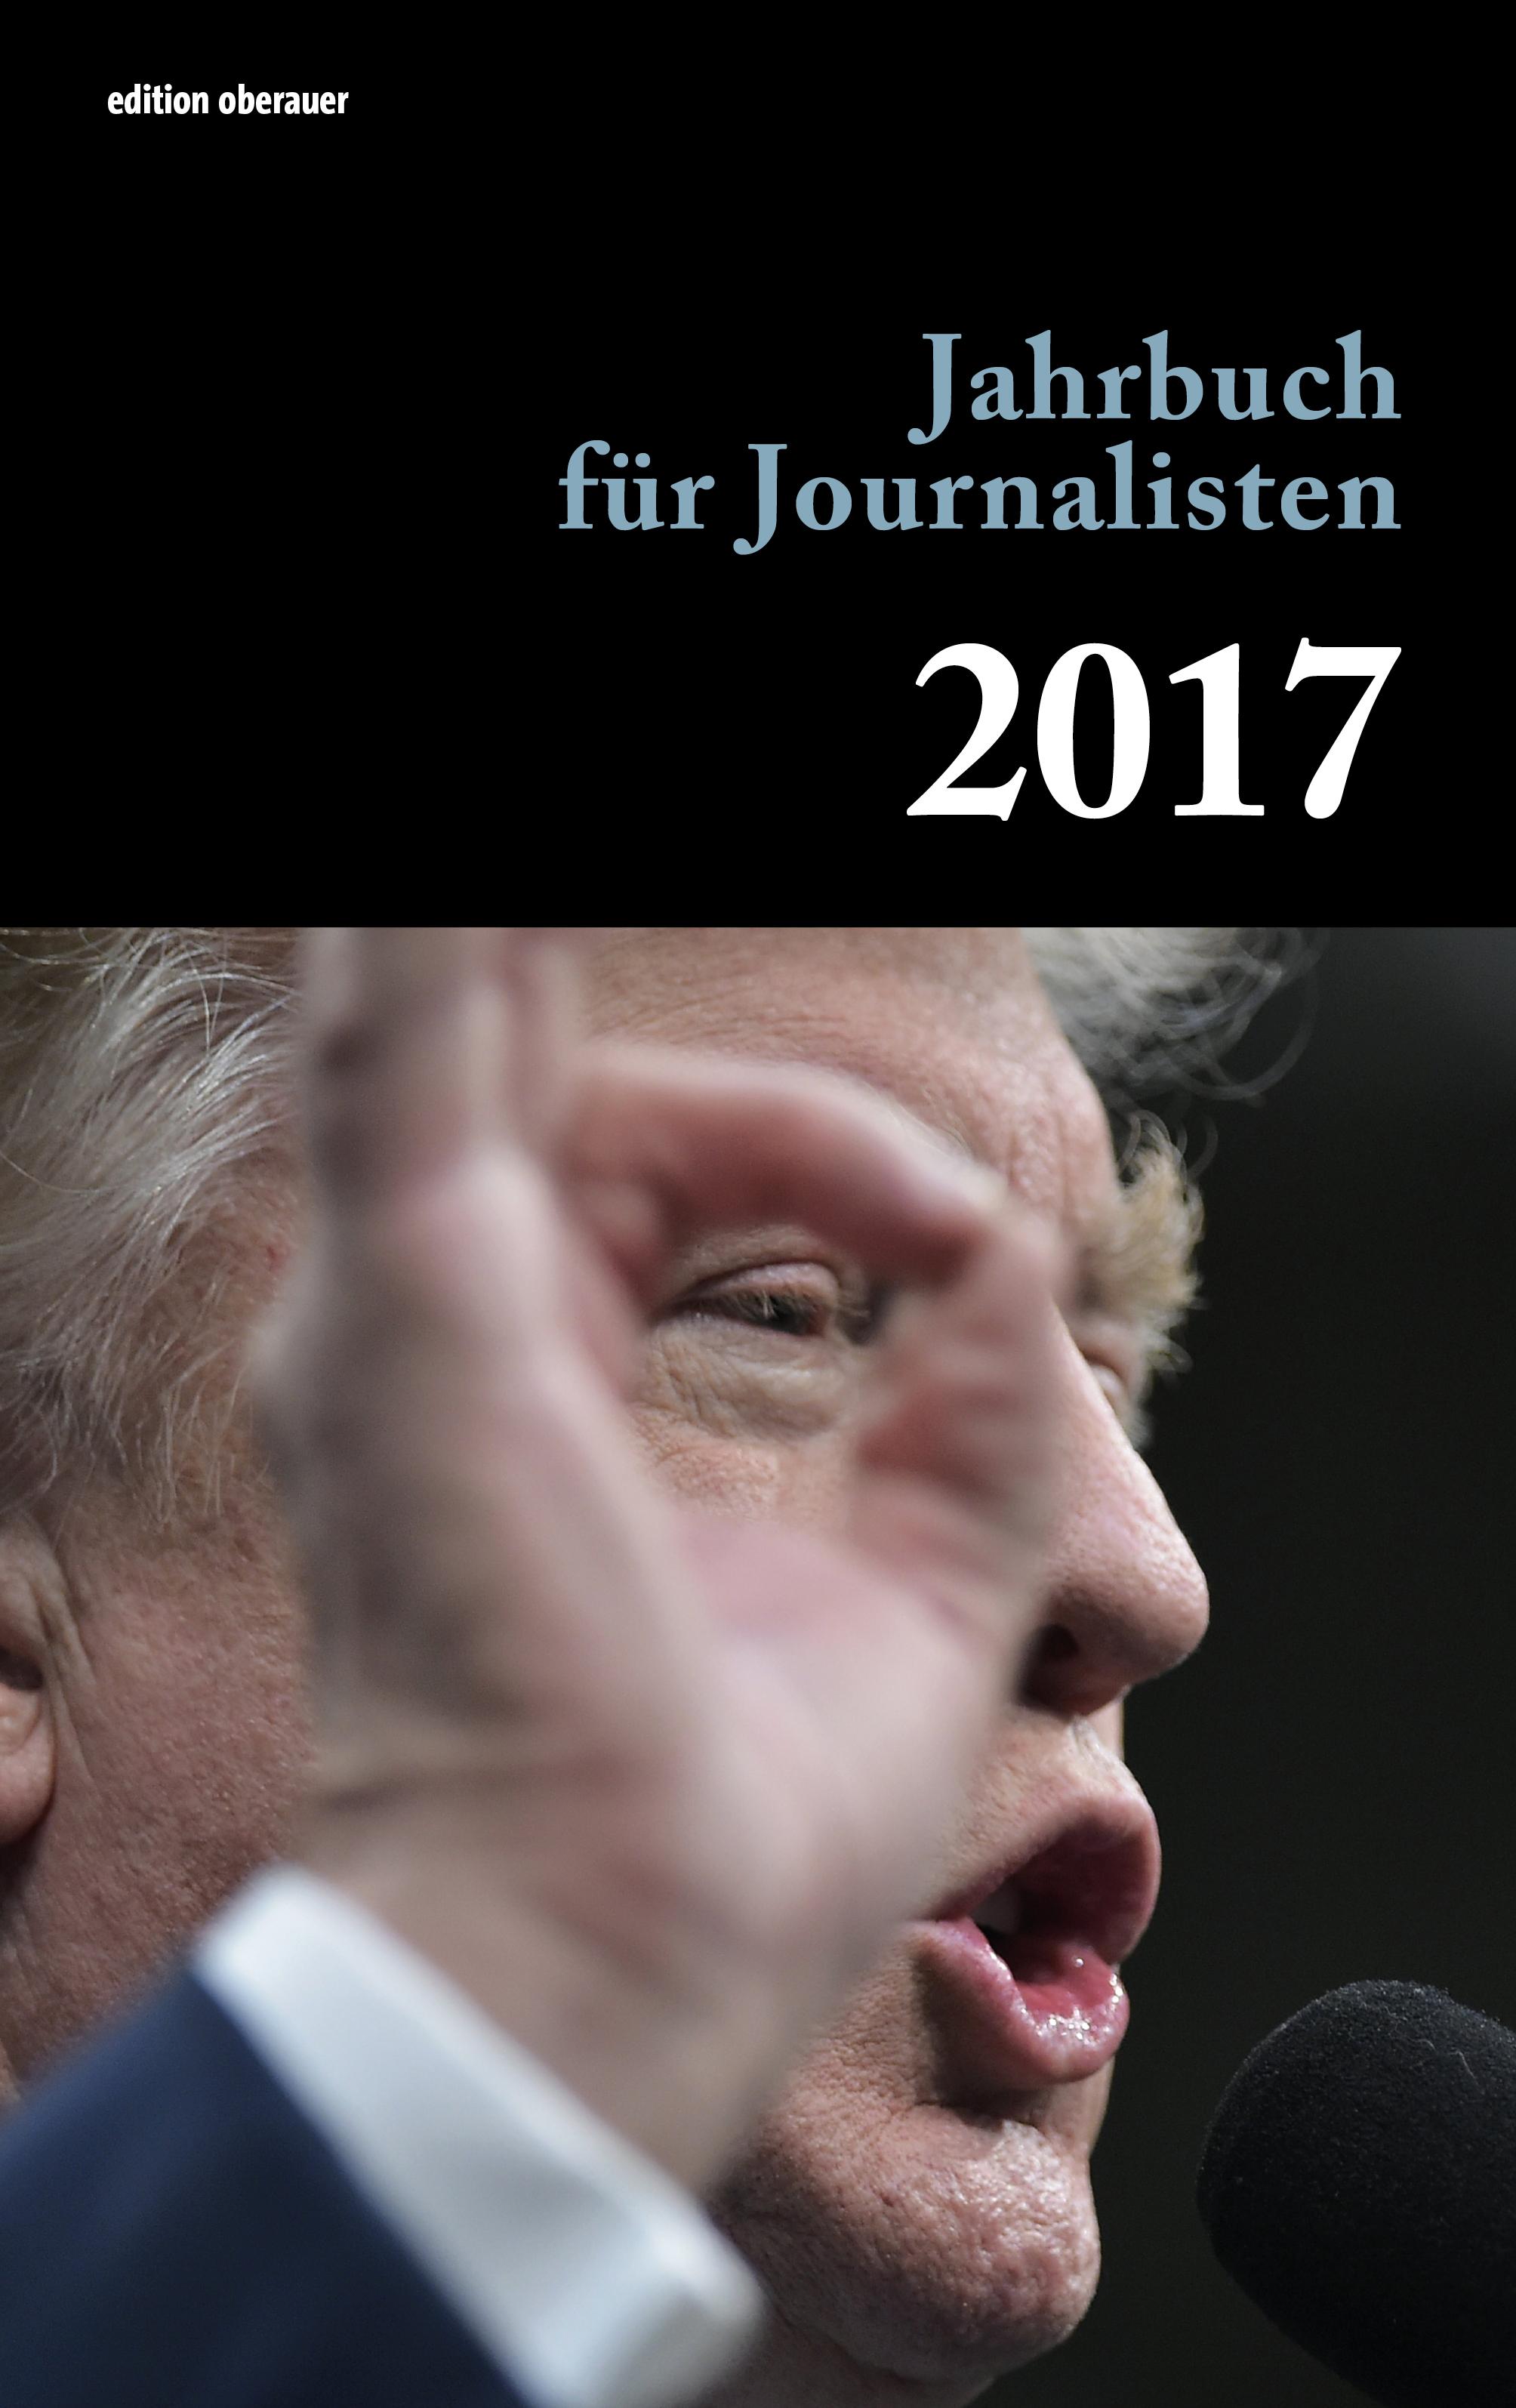 Jahrbuch für Journalisten 2017 von Oberauer, Johann: